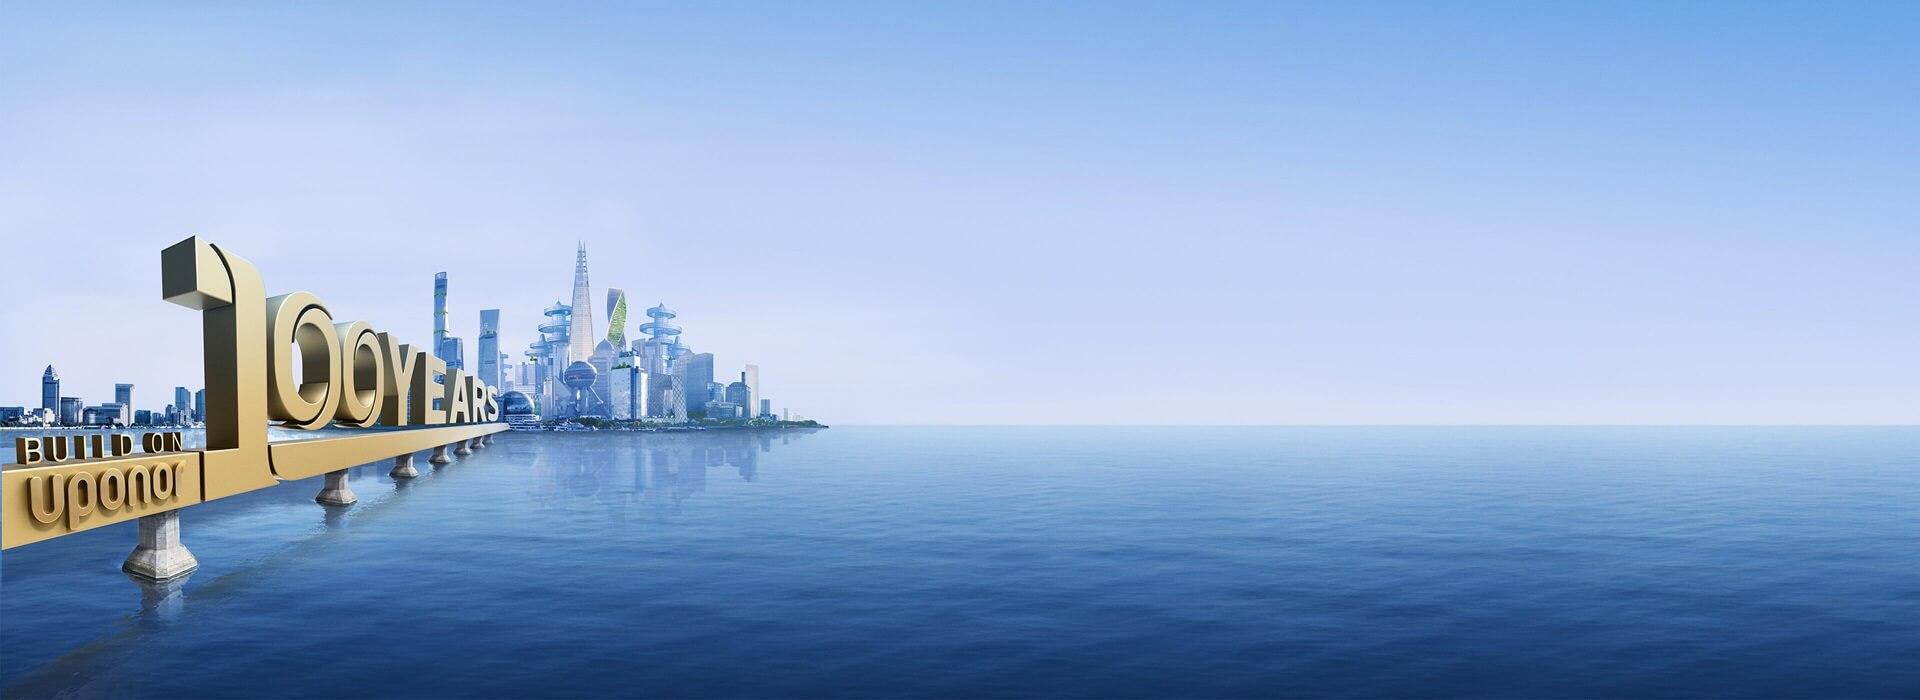 Uponor є провідним світовим постачальником рішень і систем транспортування гігієнічної питної води, енергоефективних систем опалення та охолодження, а також надійних інфраструктурних рішень. Компанія працює в численних секторах будівництва: від житлового та комерційного будівництва до промислового й інфраструктурного. Продукція Uponor постачається в понад 100 країн.